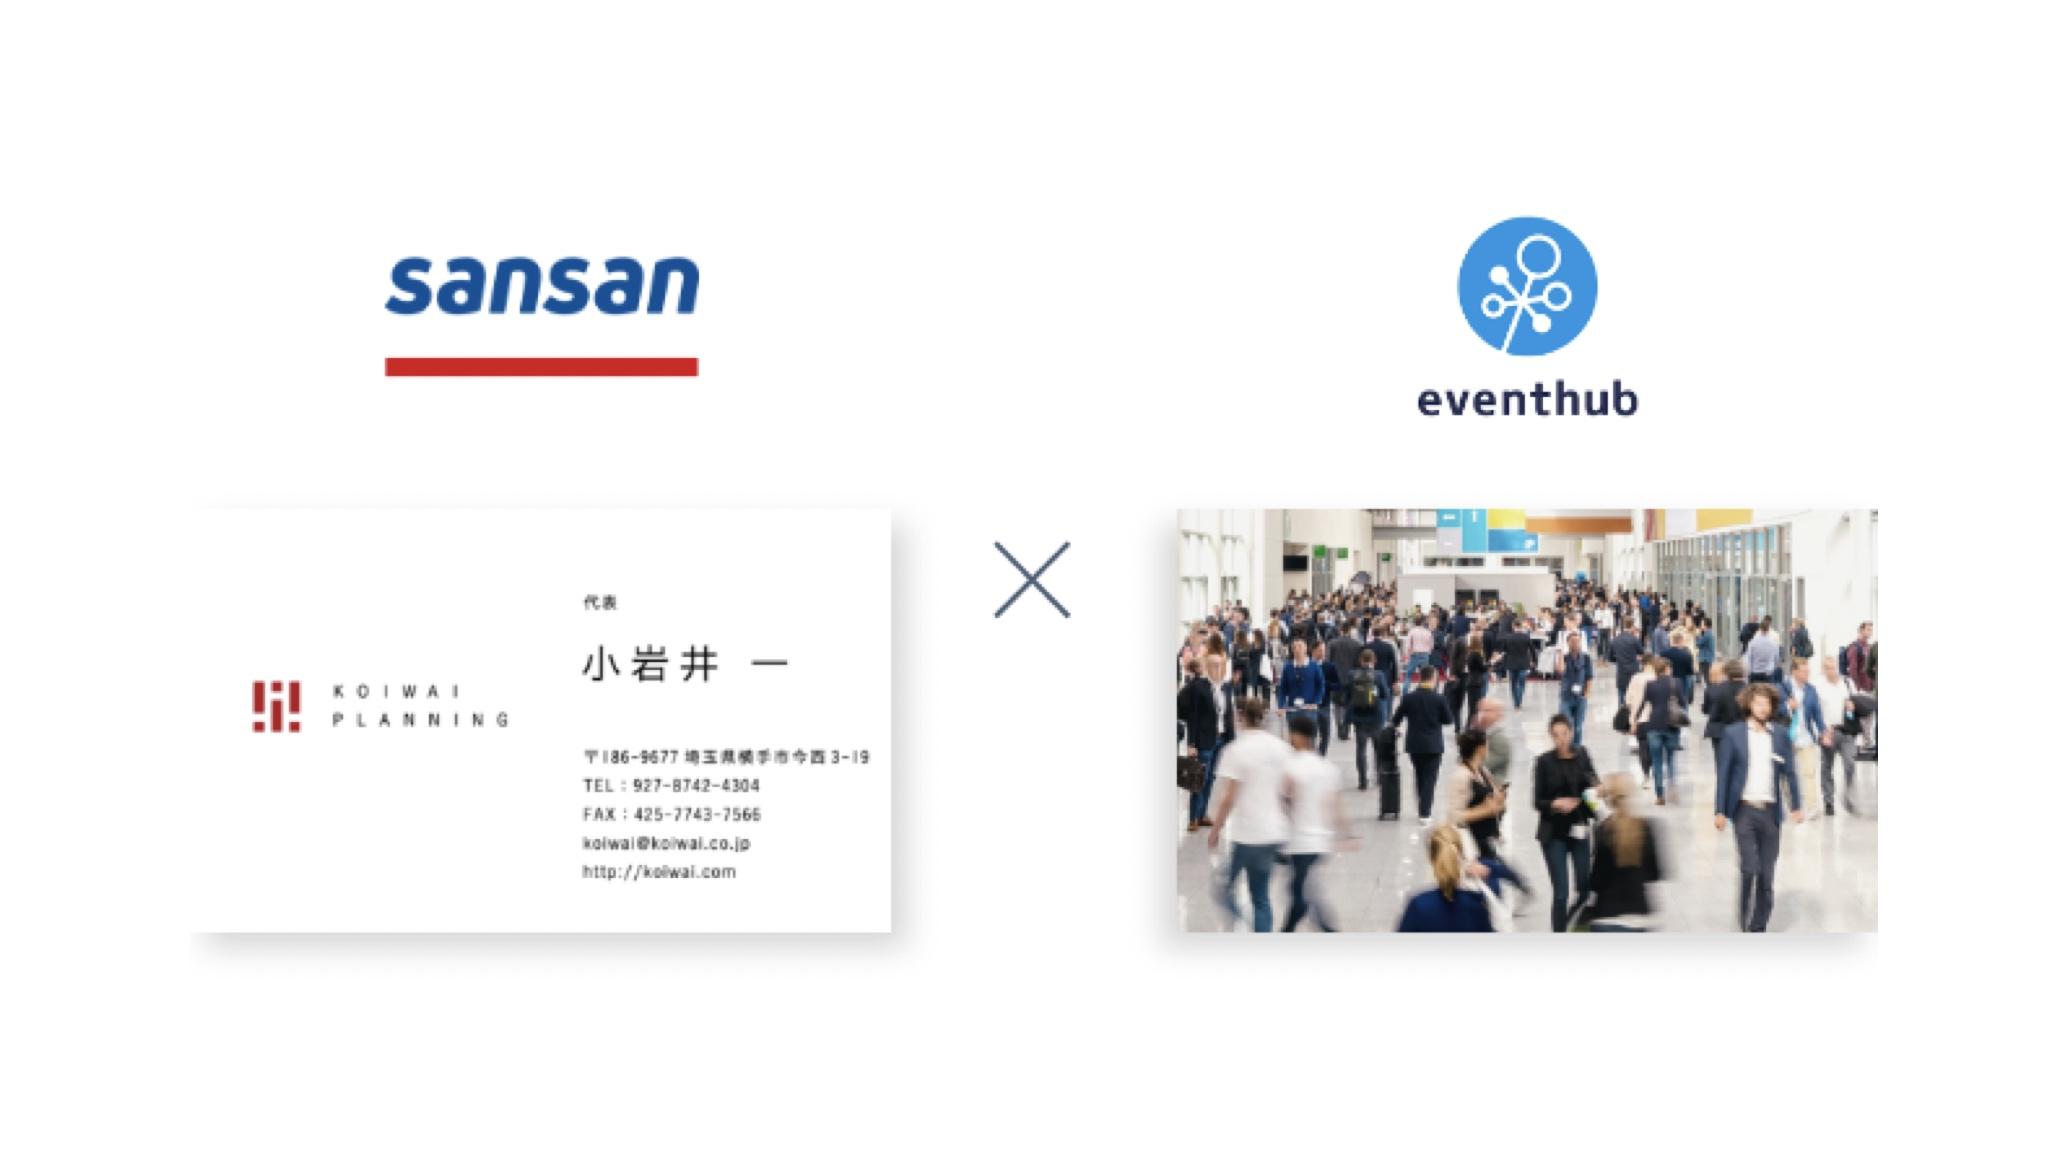 イベントマーケティングシステムの「EventHub」、Sansanから資金調達・連携